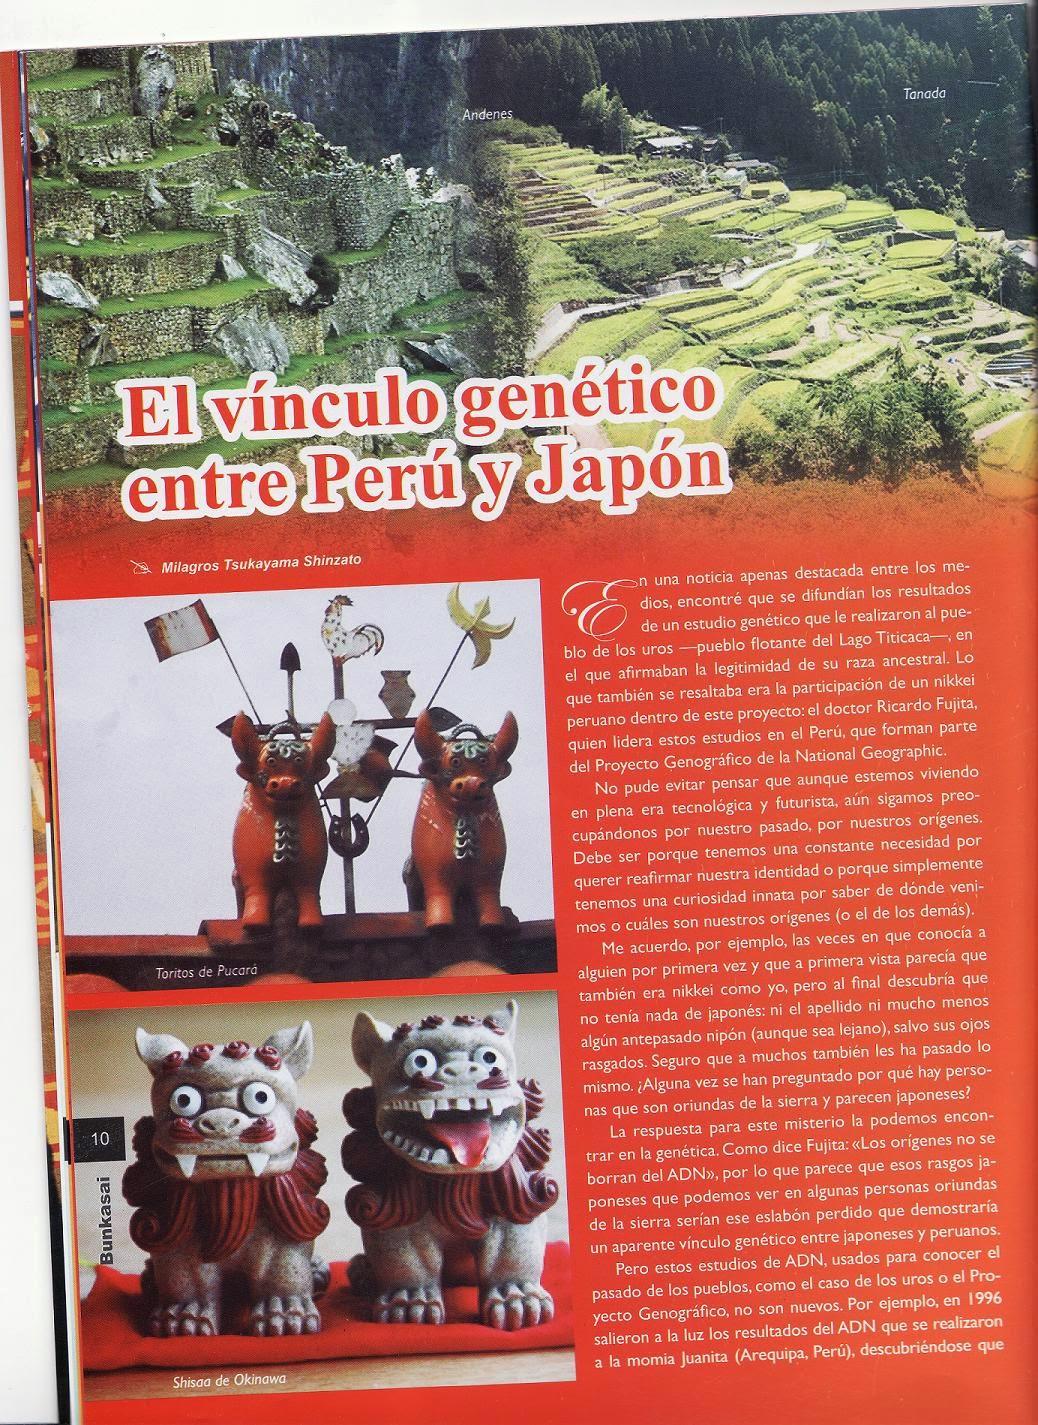 REVISTA BUNKASAI (Publicado por el Diario Peru Shimpo, edición de marzo del 2014)